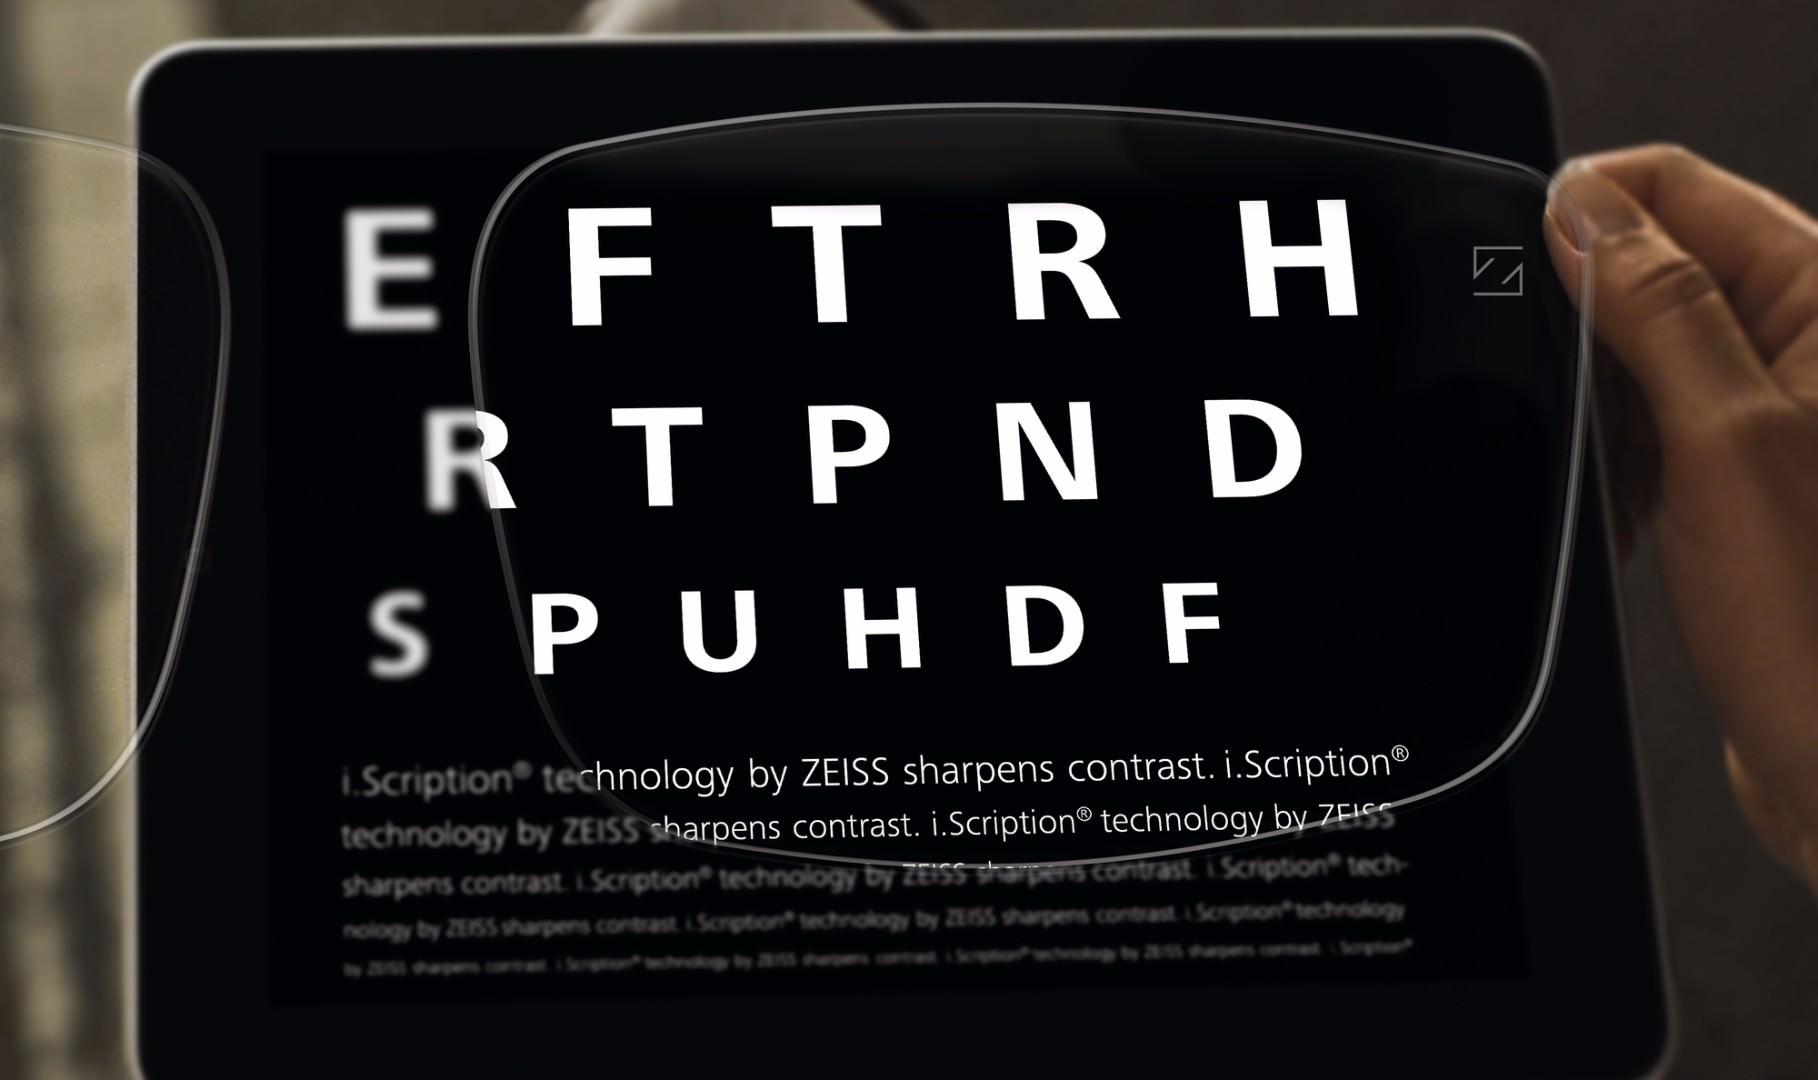 i.Scription lenses enabling crisper vision with improved contrast for reading.